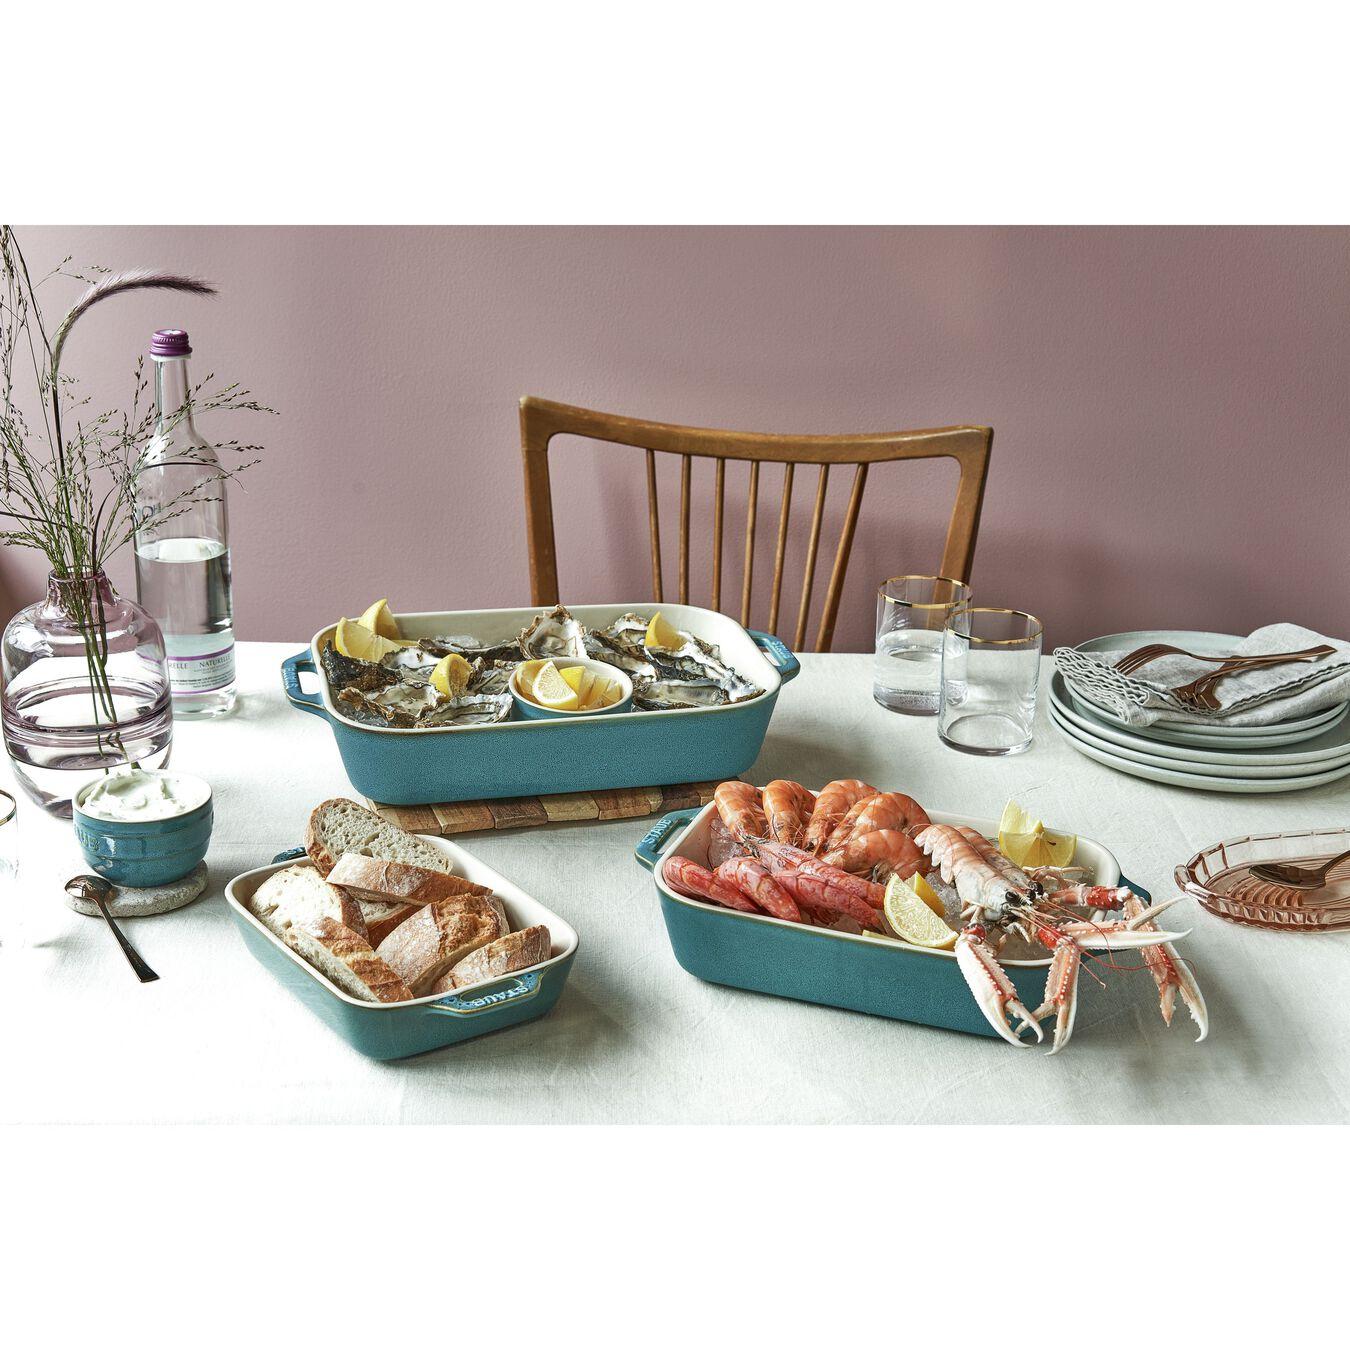 3-pc, Rectangular Baking Dish Set, rustic turquoise,,large 2